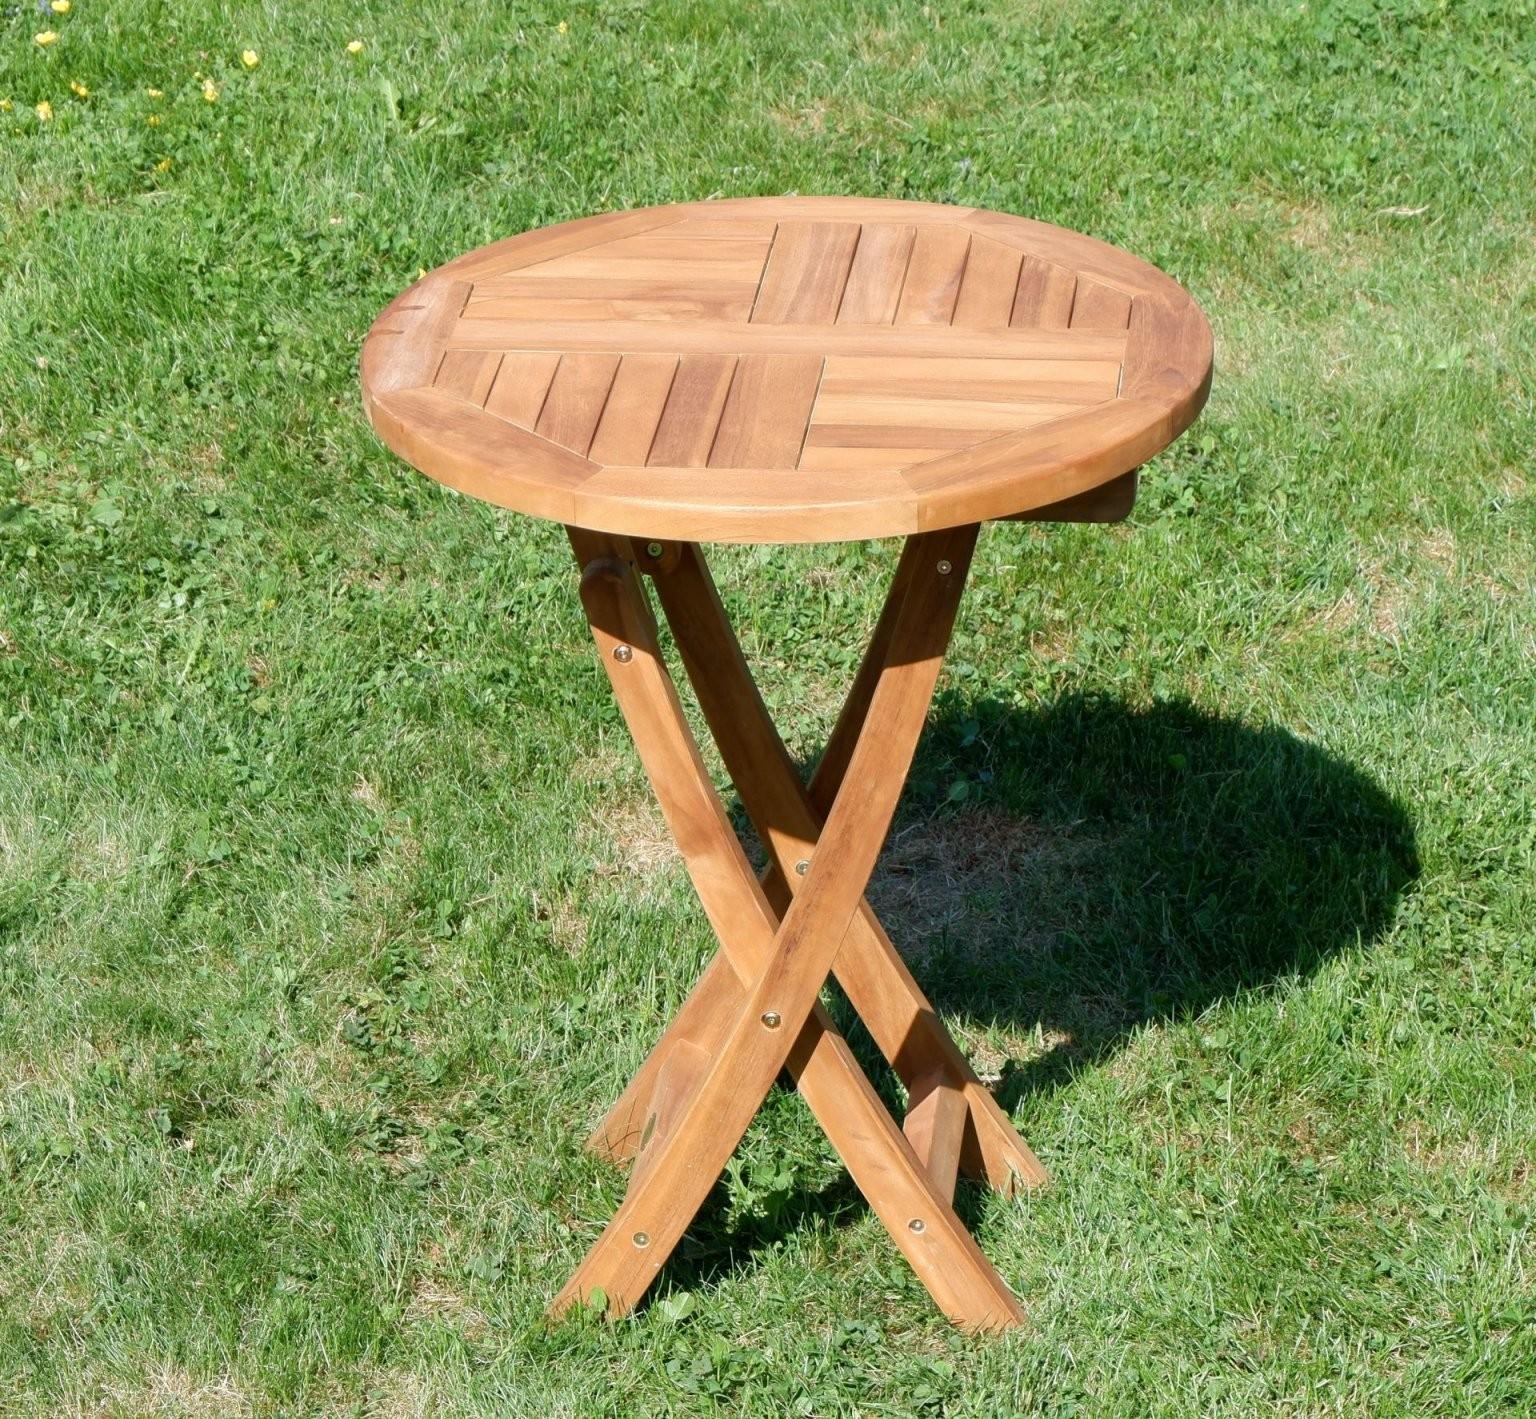 Echt Teak Gartentisch Klapptisch Holztisch Gartentisch Tisch Rund von Gartentisch Rund 60 Cm Bild